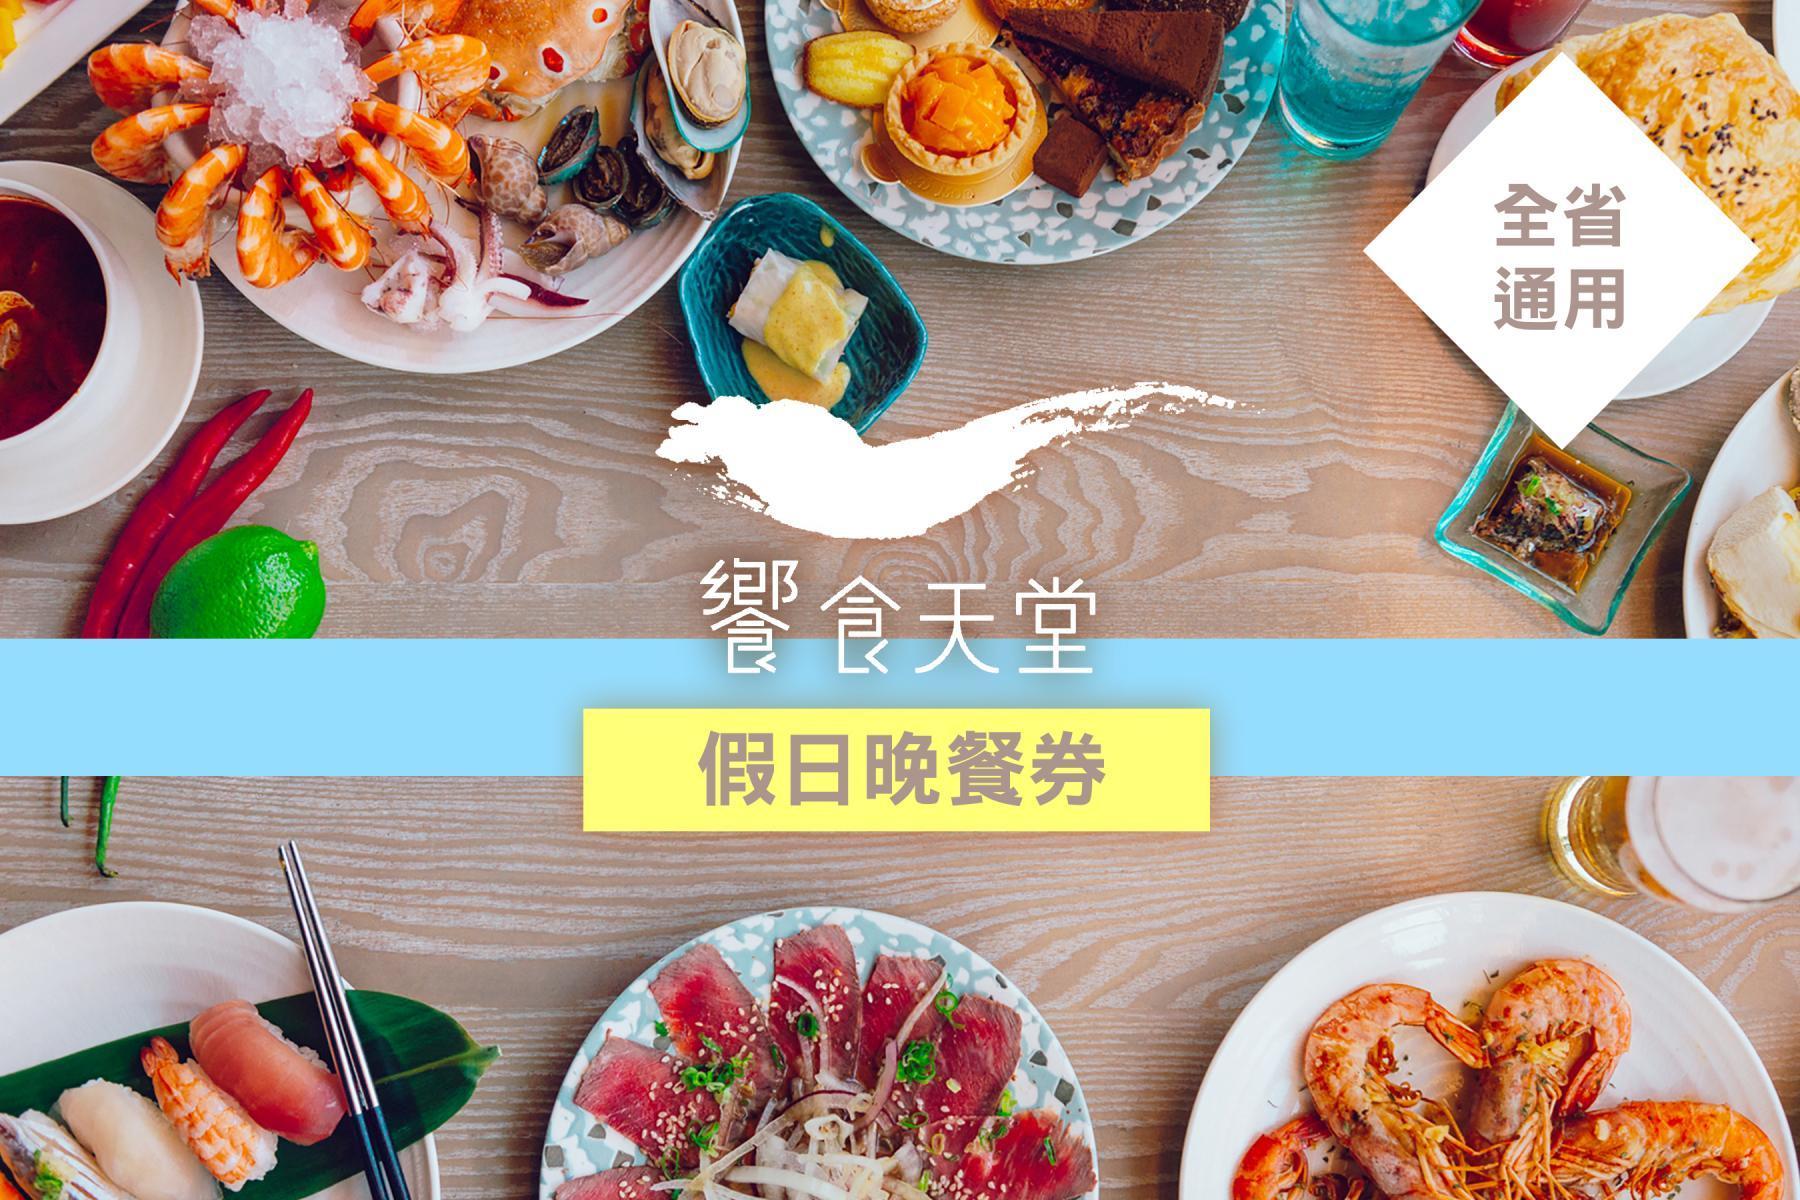 全省饗食天堂-假日晚餐券